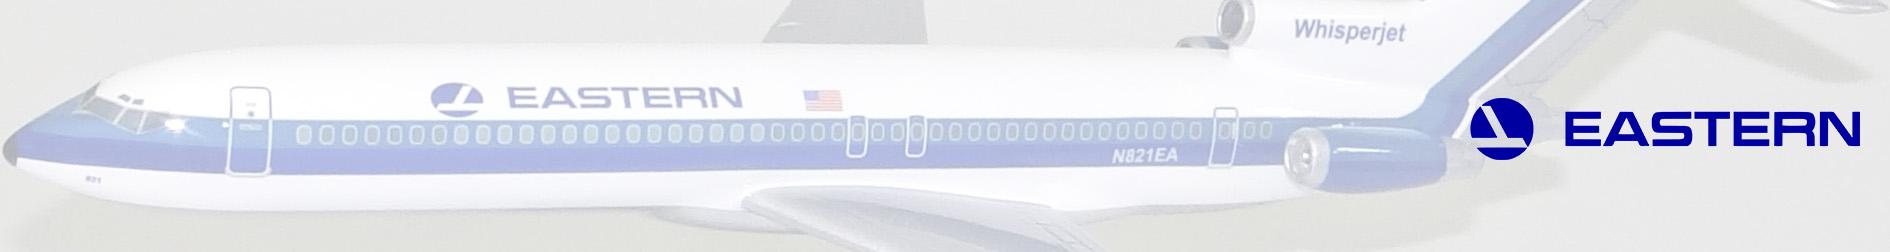 eastern-airlines.jpg